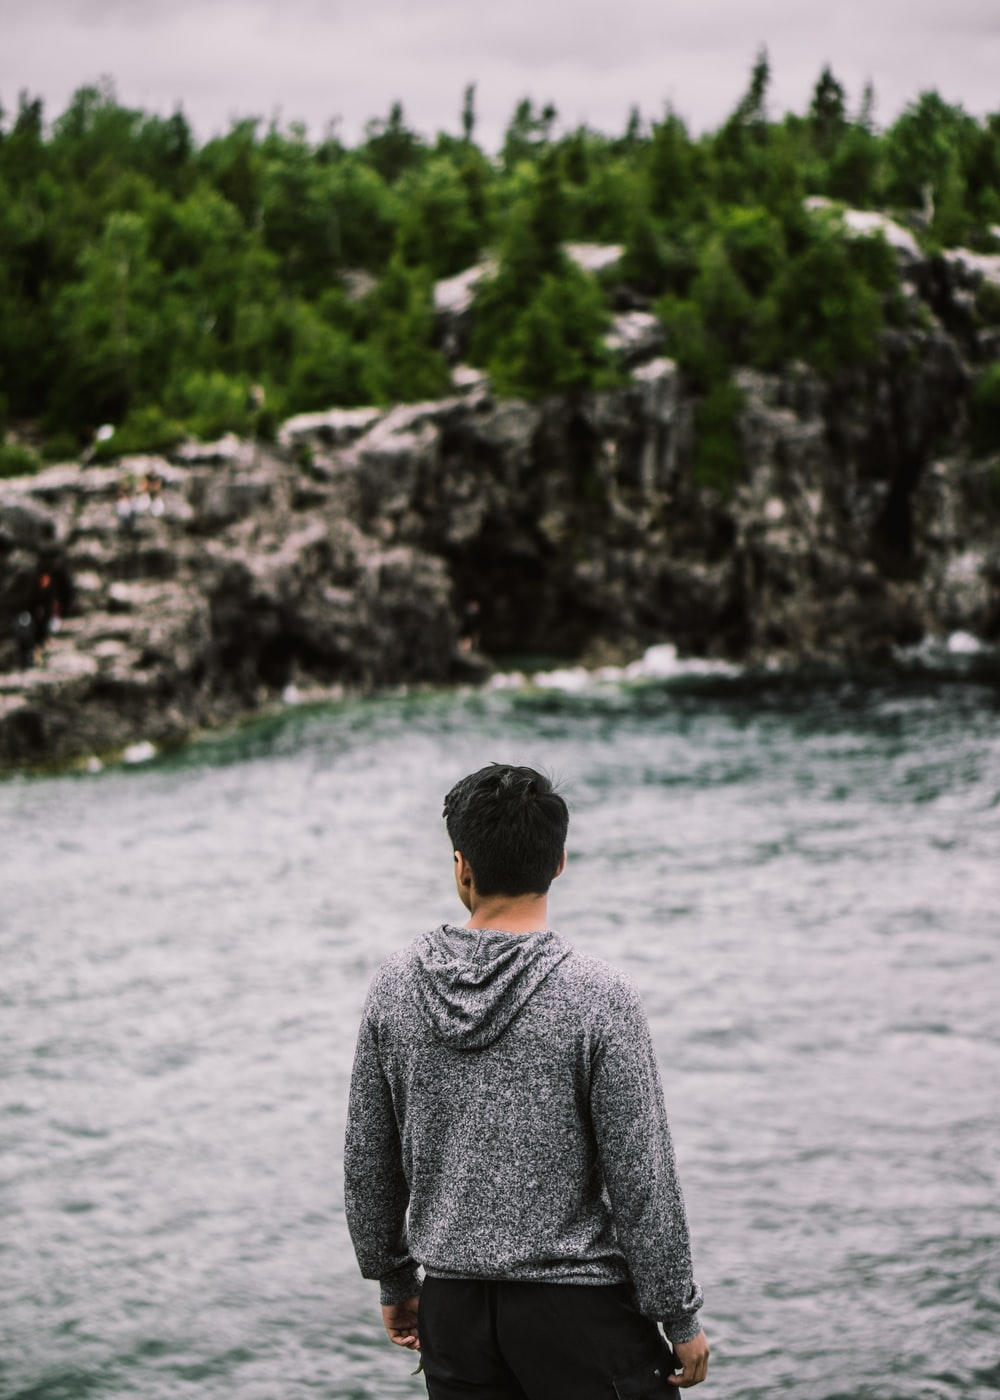 man facing backward fronting body of water and trees foliage